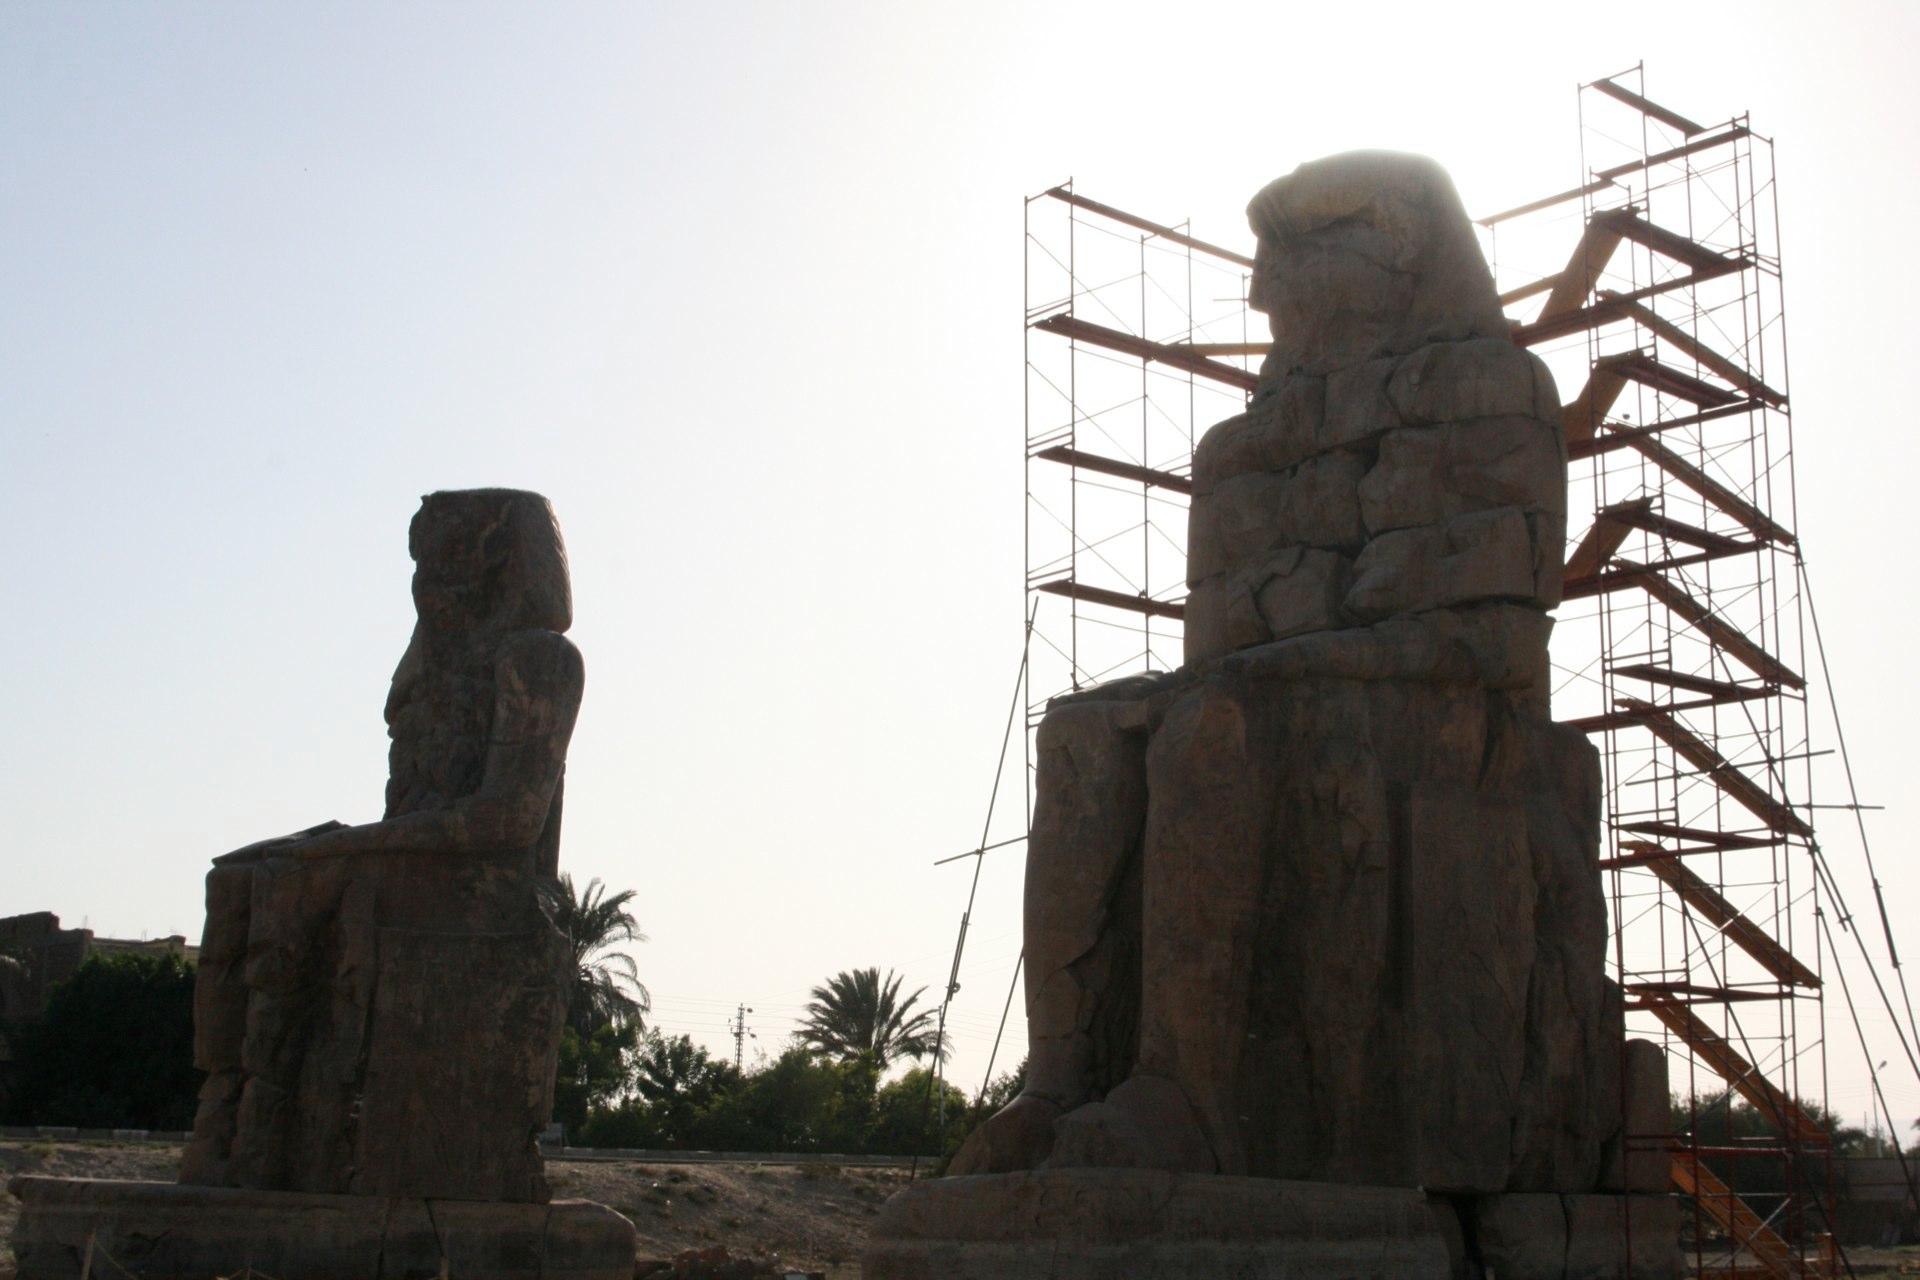 Memnon Kollose